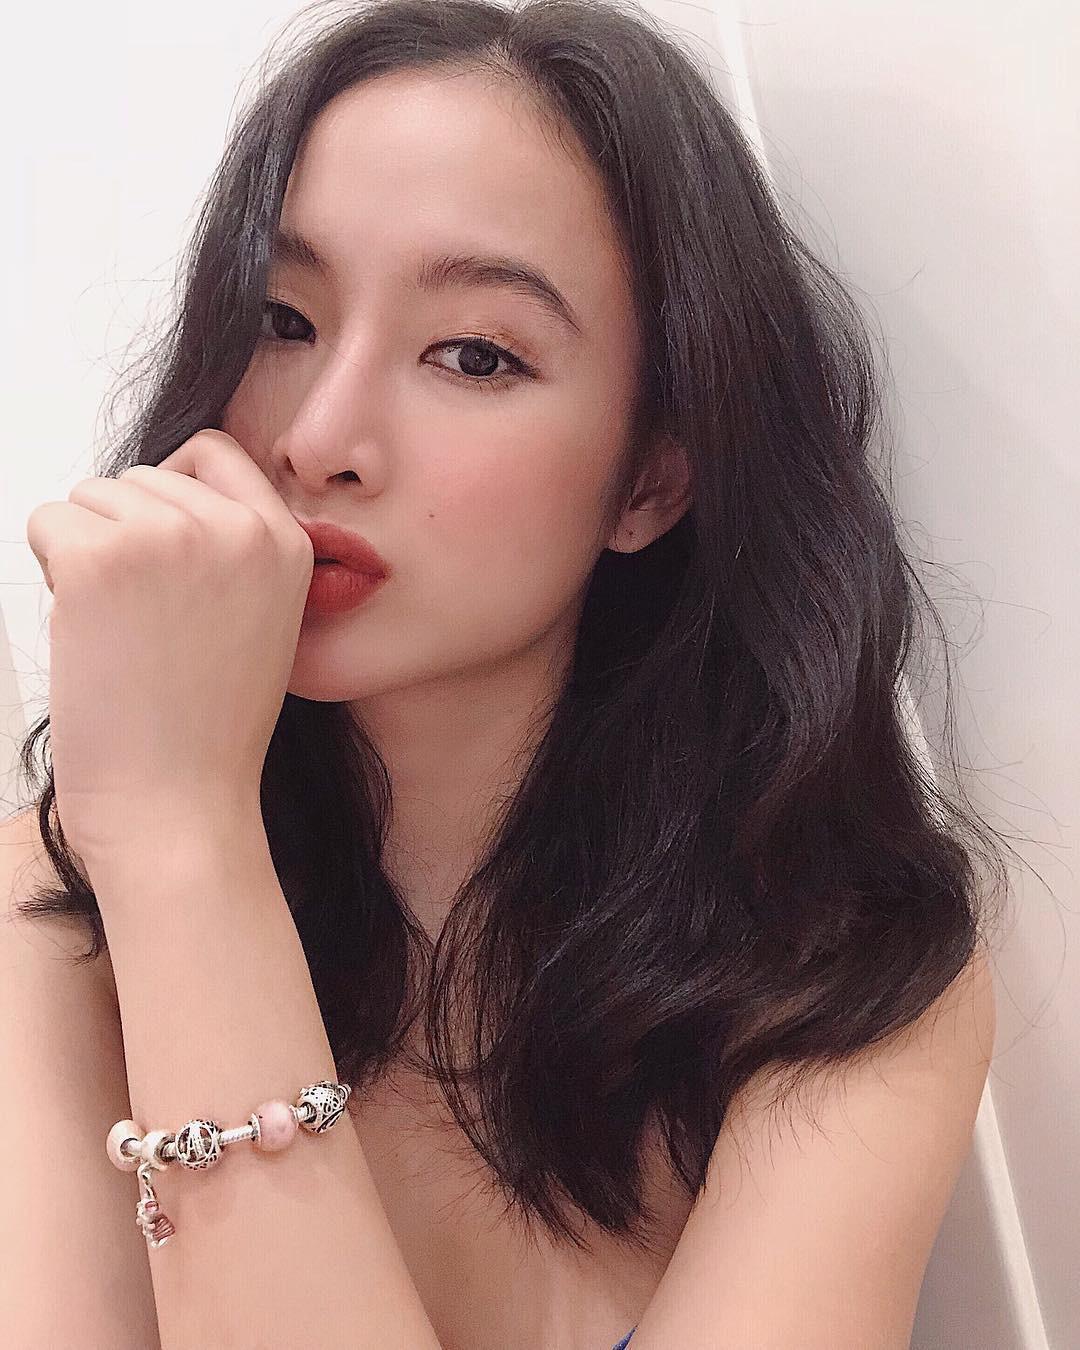 Từ lông mày càng đậm càng tốt, ngày càng nhiều người đẹp Việt chuộng kẻ mày tối giản tự nhiên khoe rõ từng sợi mày - Ảnh 6.